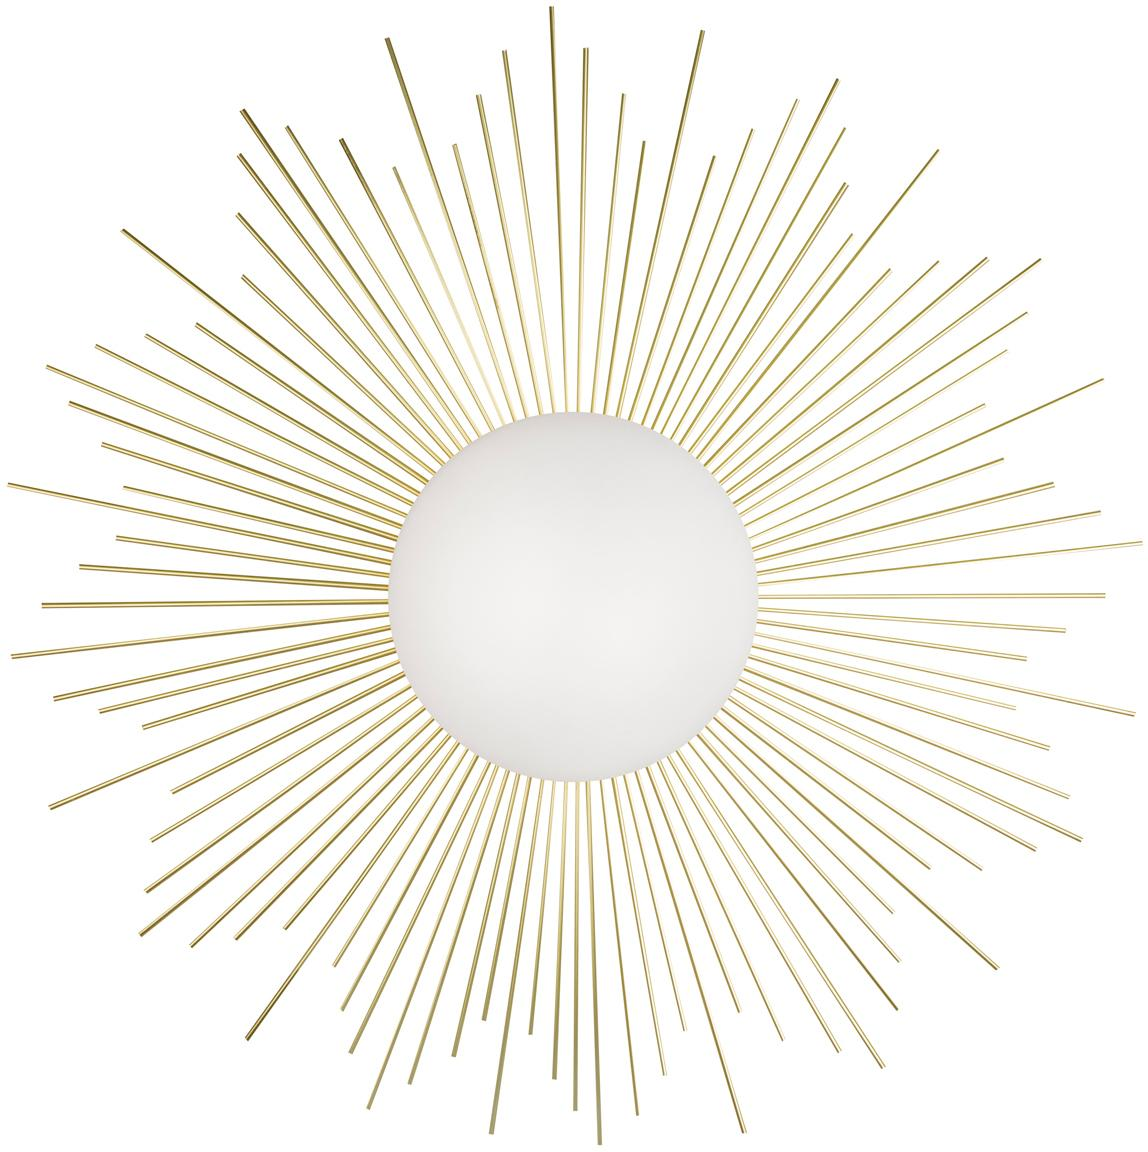 Applique con spina Soleil, Struttura: ottone, Paralume: vetro, Ottone, bianco, Ø 56 x Prof. 11 cm